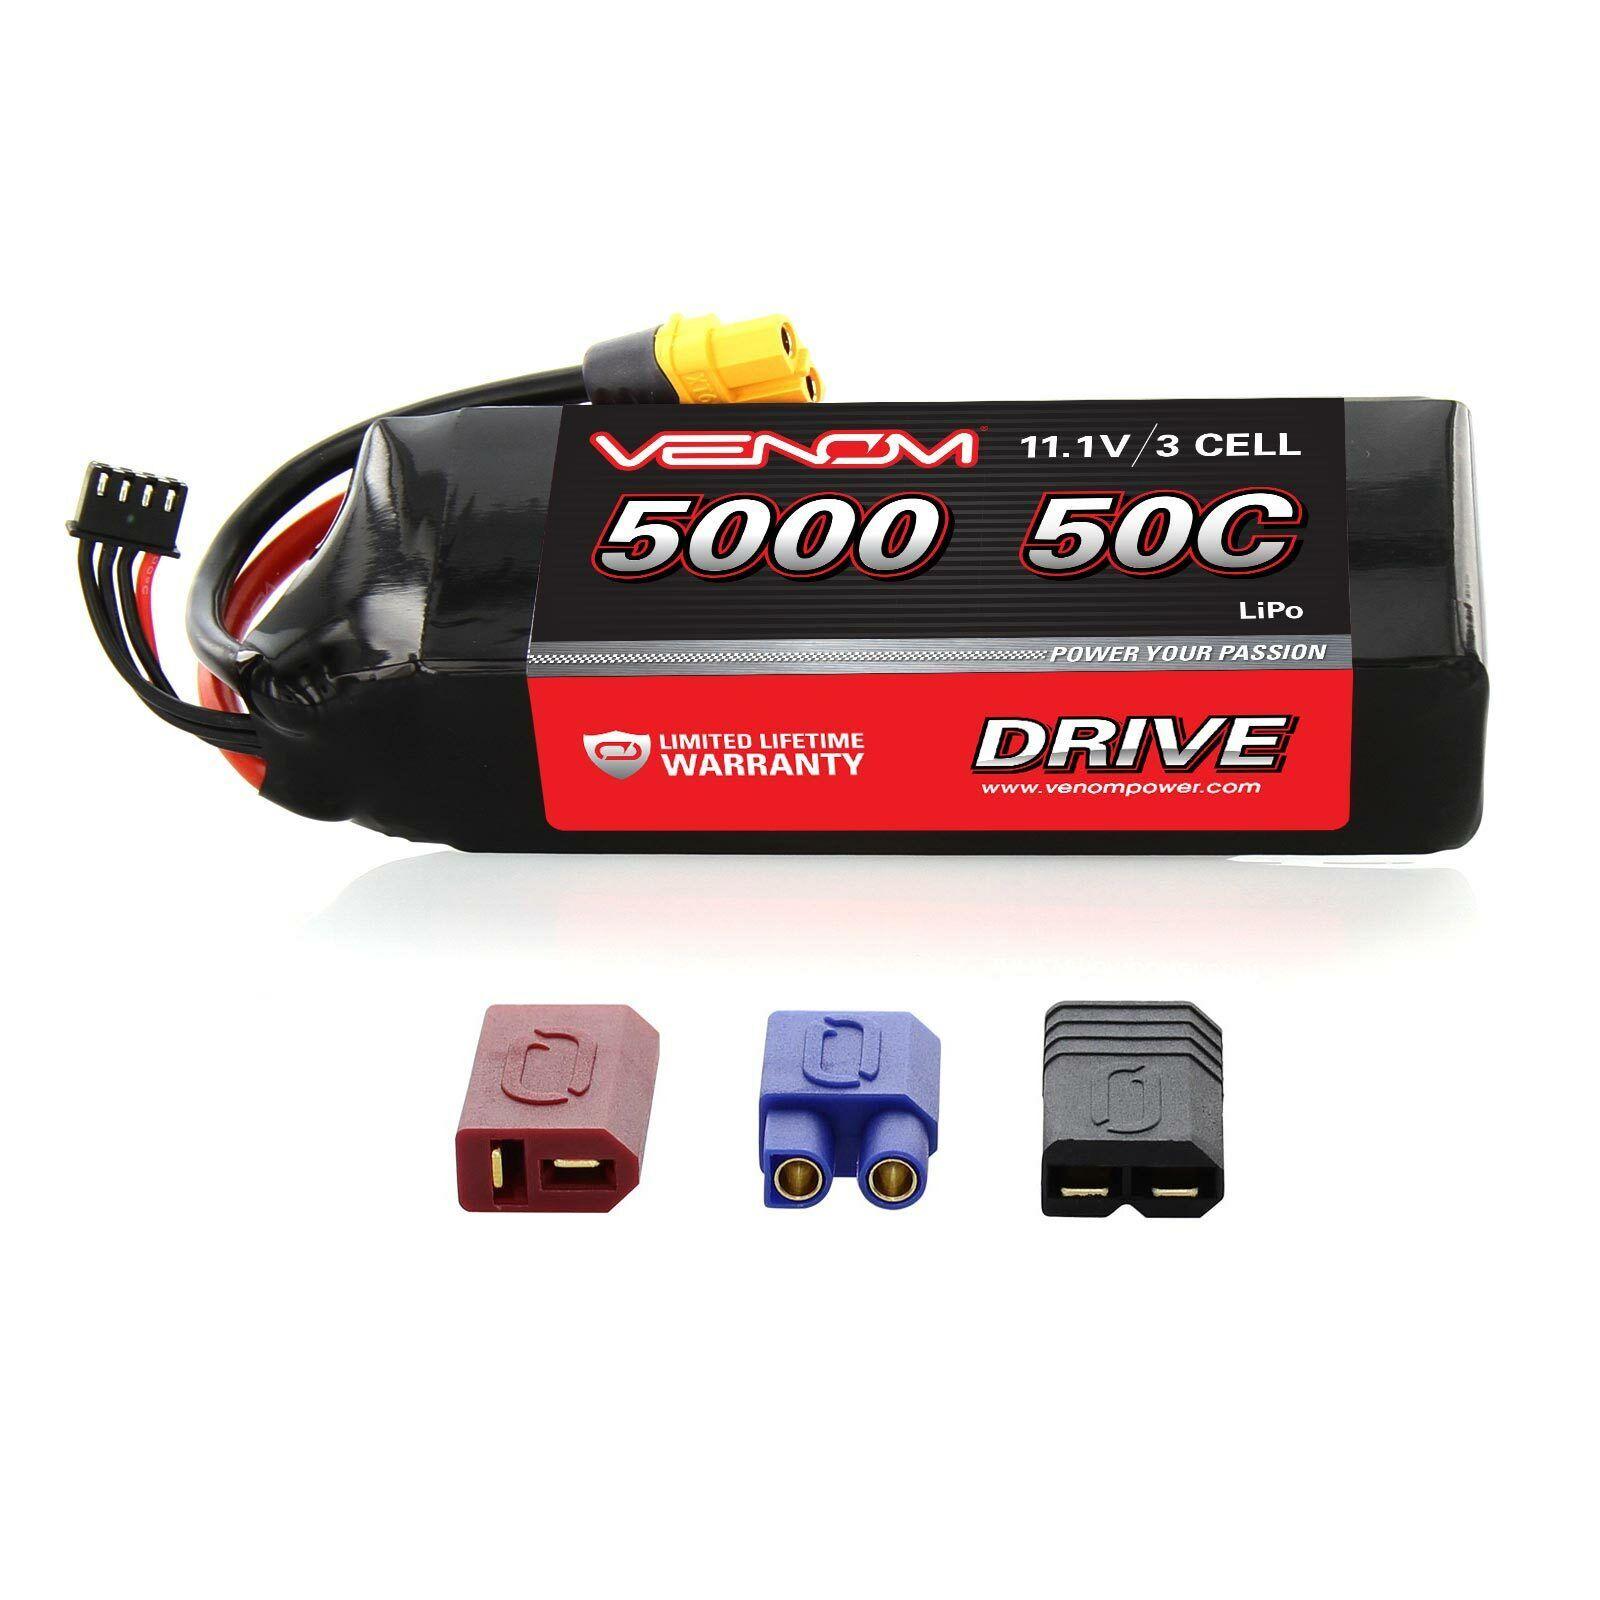 Axial SCX10 Ram Power Wagon 50C 11.1V 11.1V 11.1V 5000mAh Batería Lipo por Venom  solo cómpralo